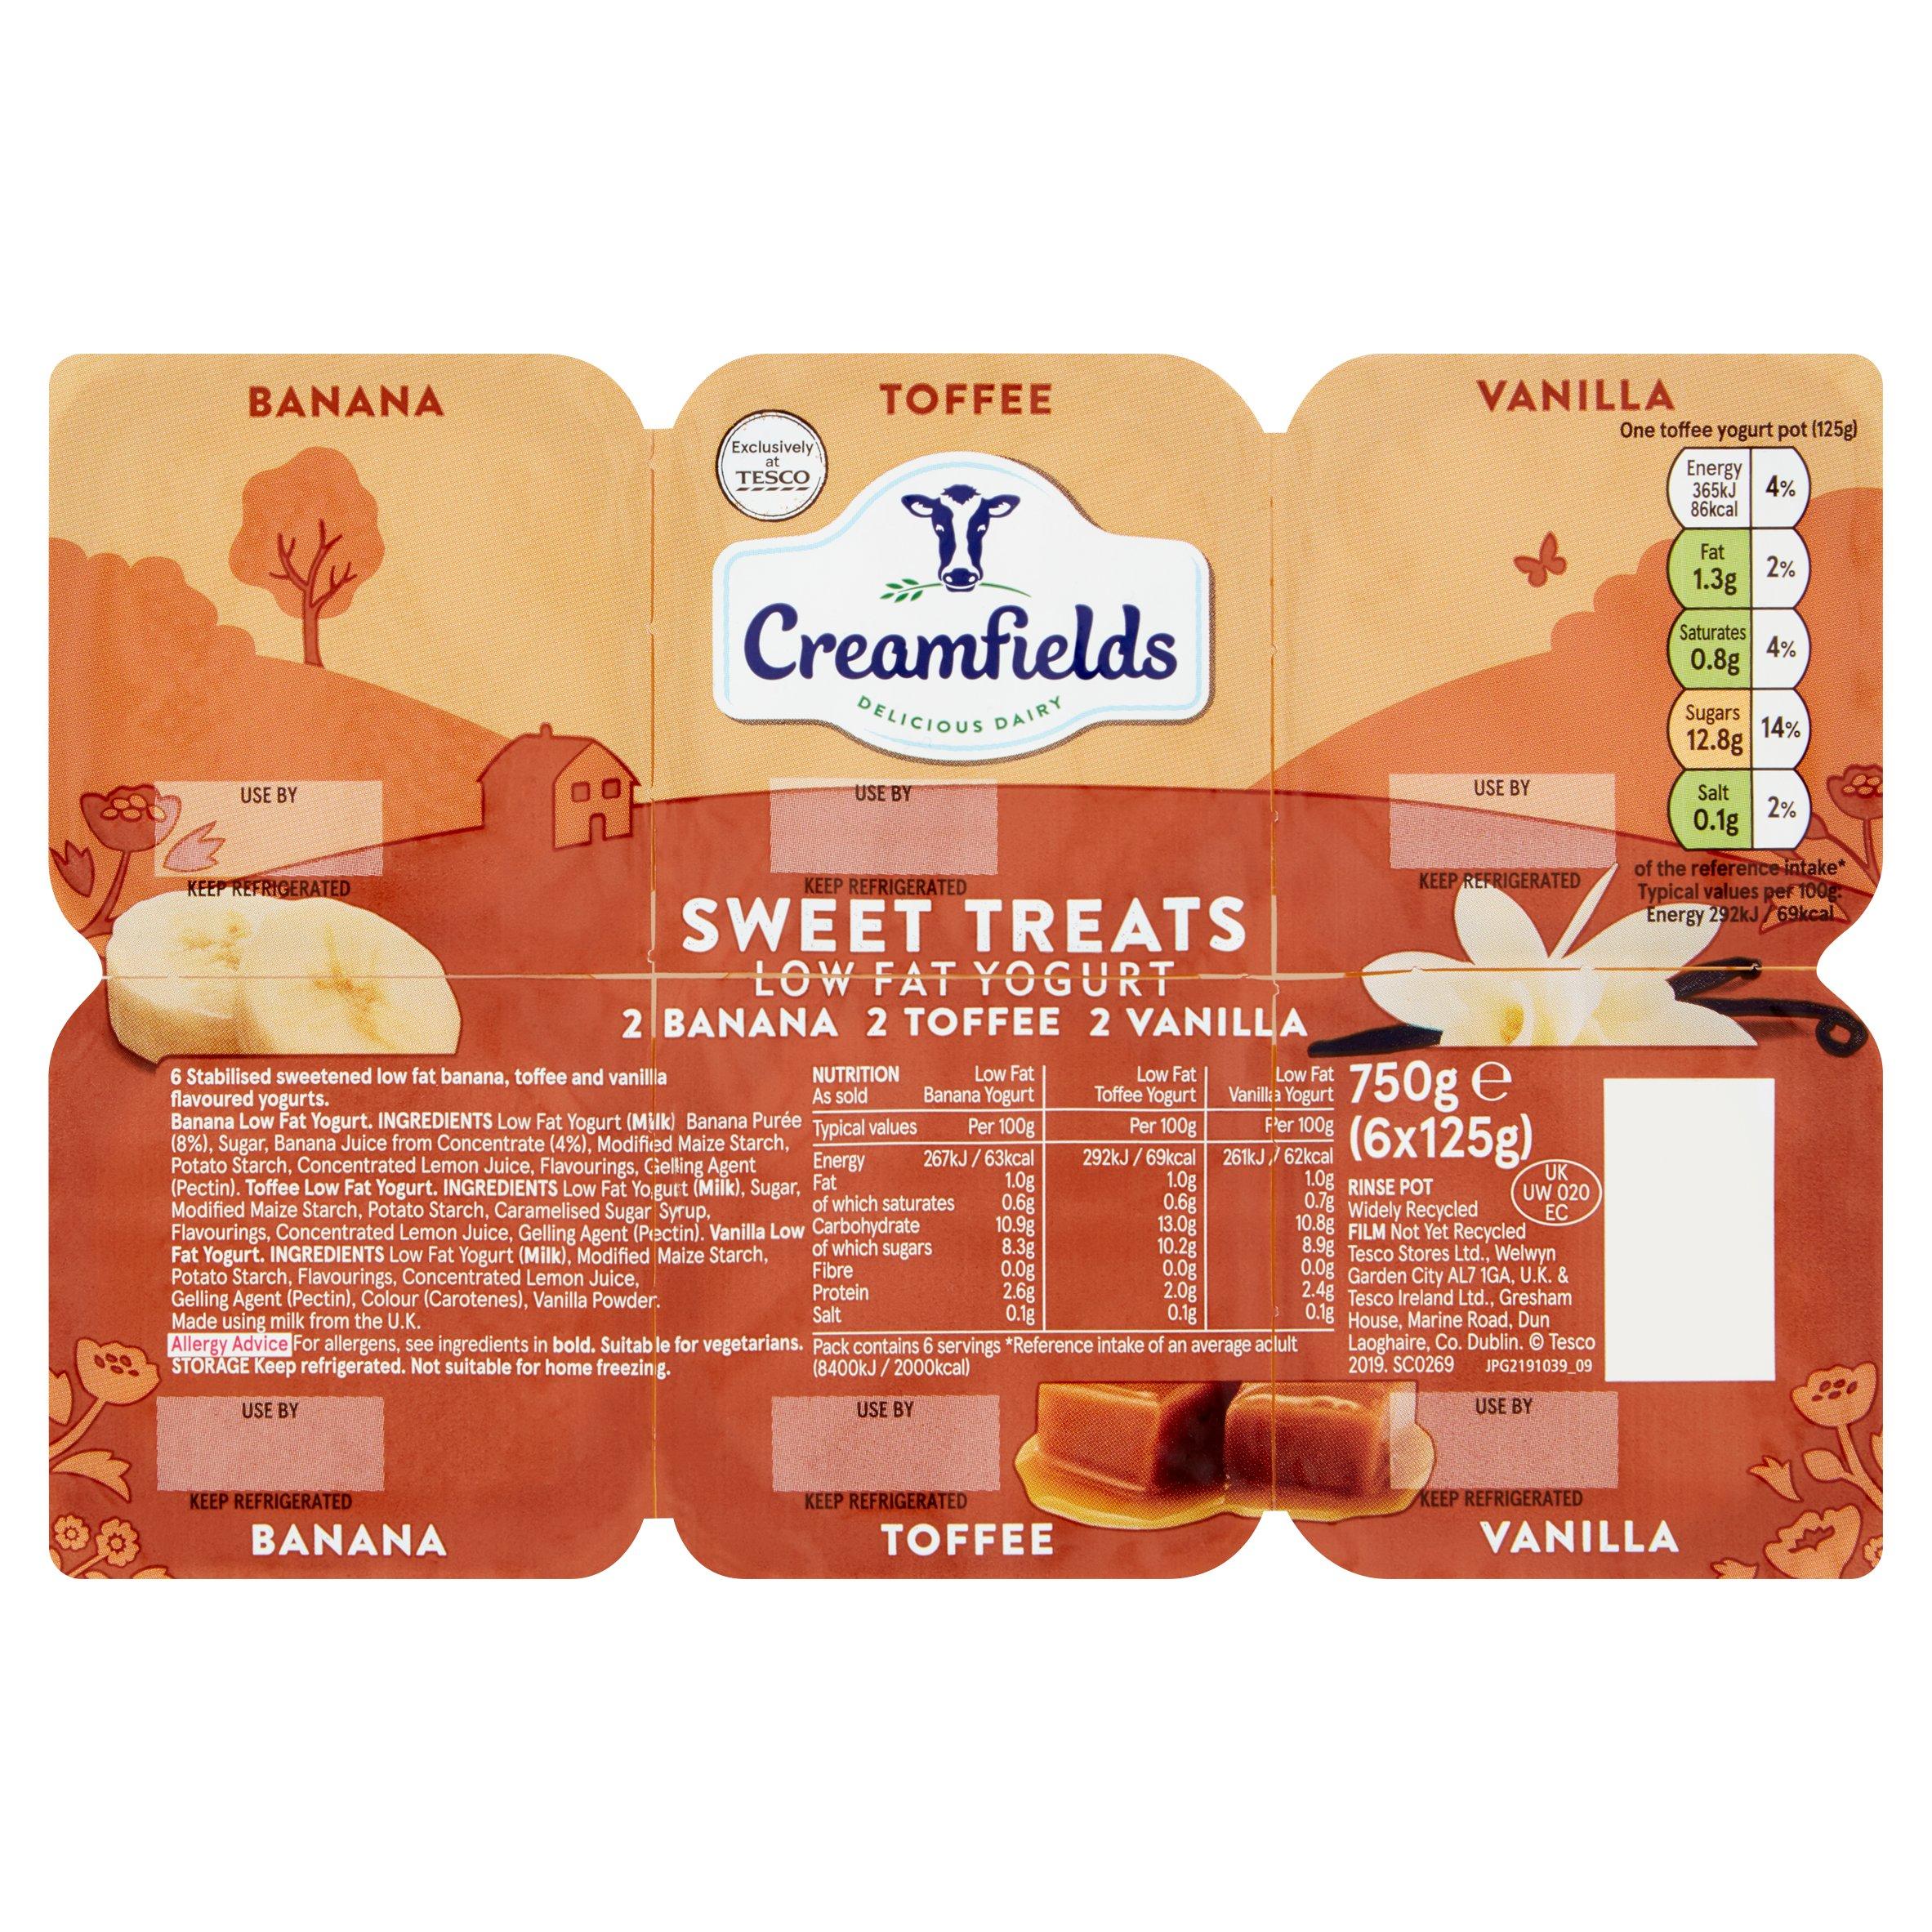 Creamfields Low Fat Sweet Treats Yogurt 6X125g